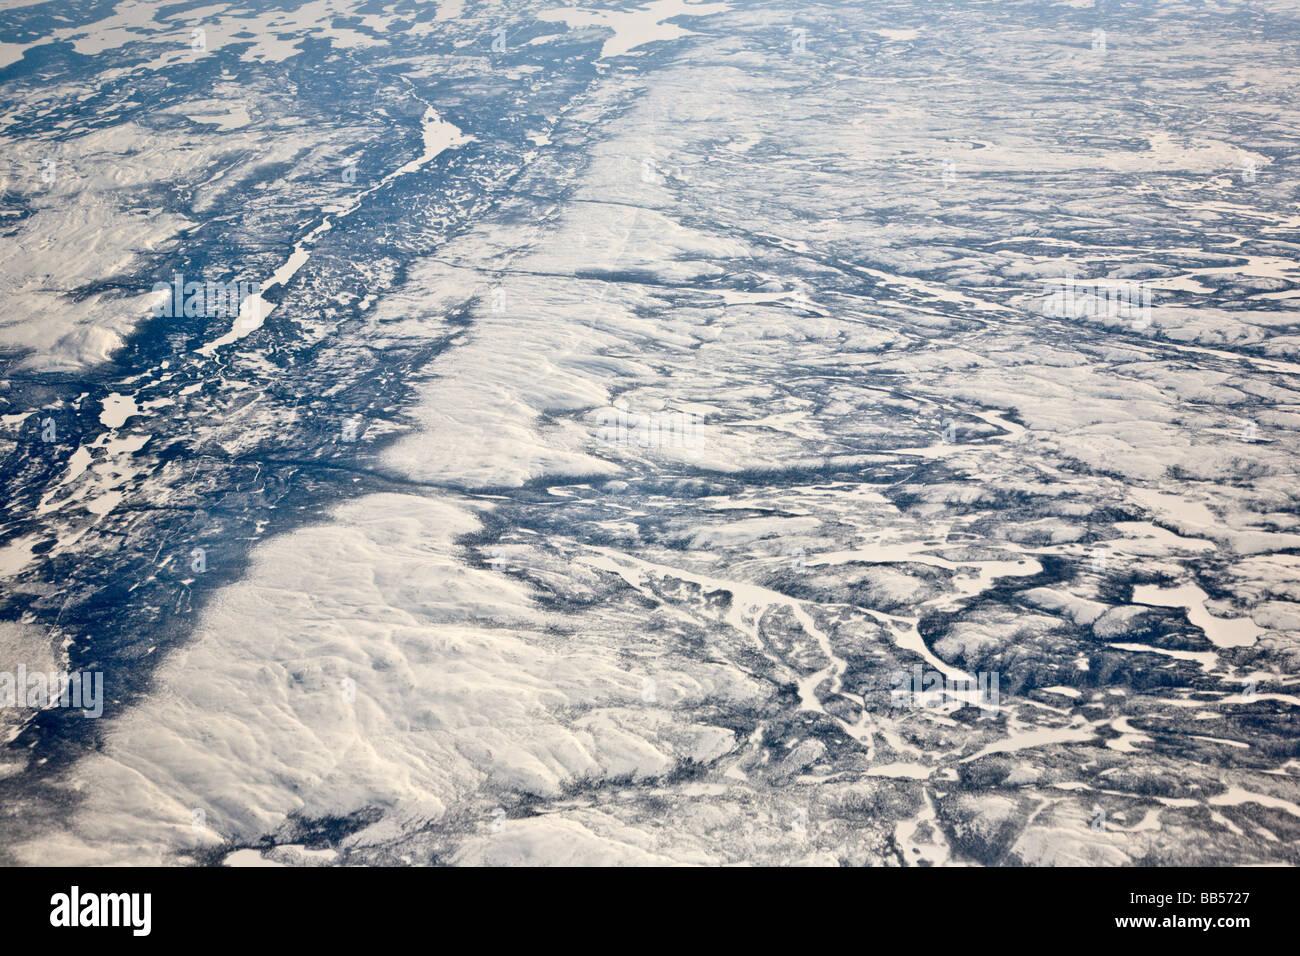 Die Ehrfurcht gebietenden polare Eiskappe sehen in dieser Ansicht aus einem Flugzeug, Reisen aus Frankfurt, Deutschland, Stockbild